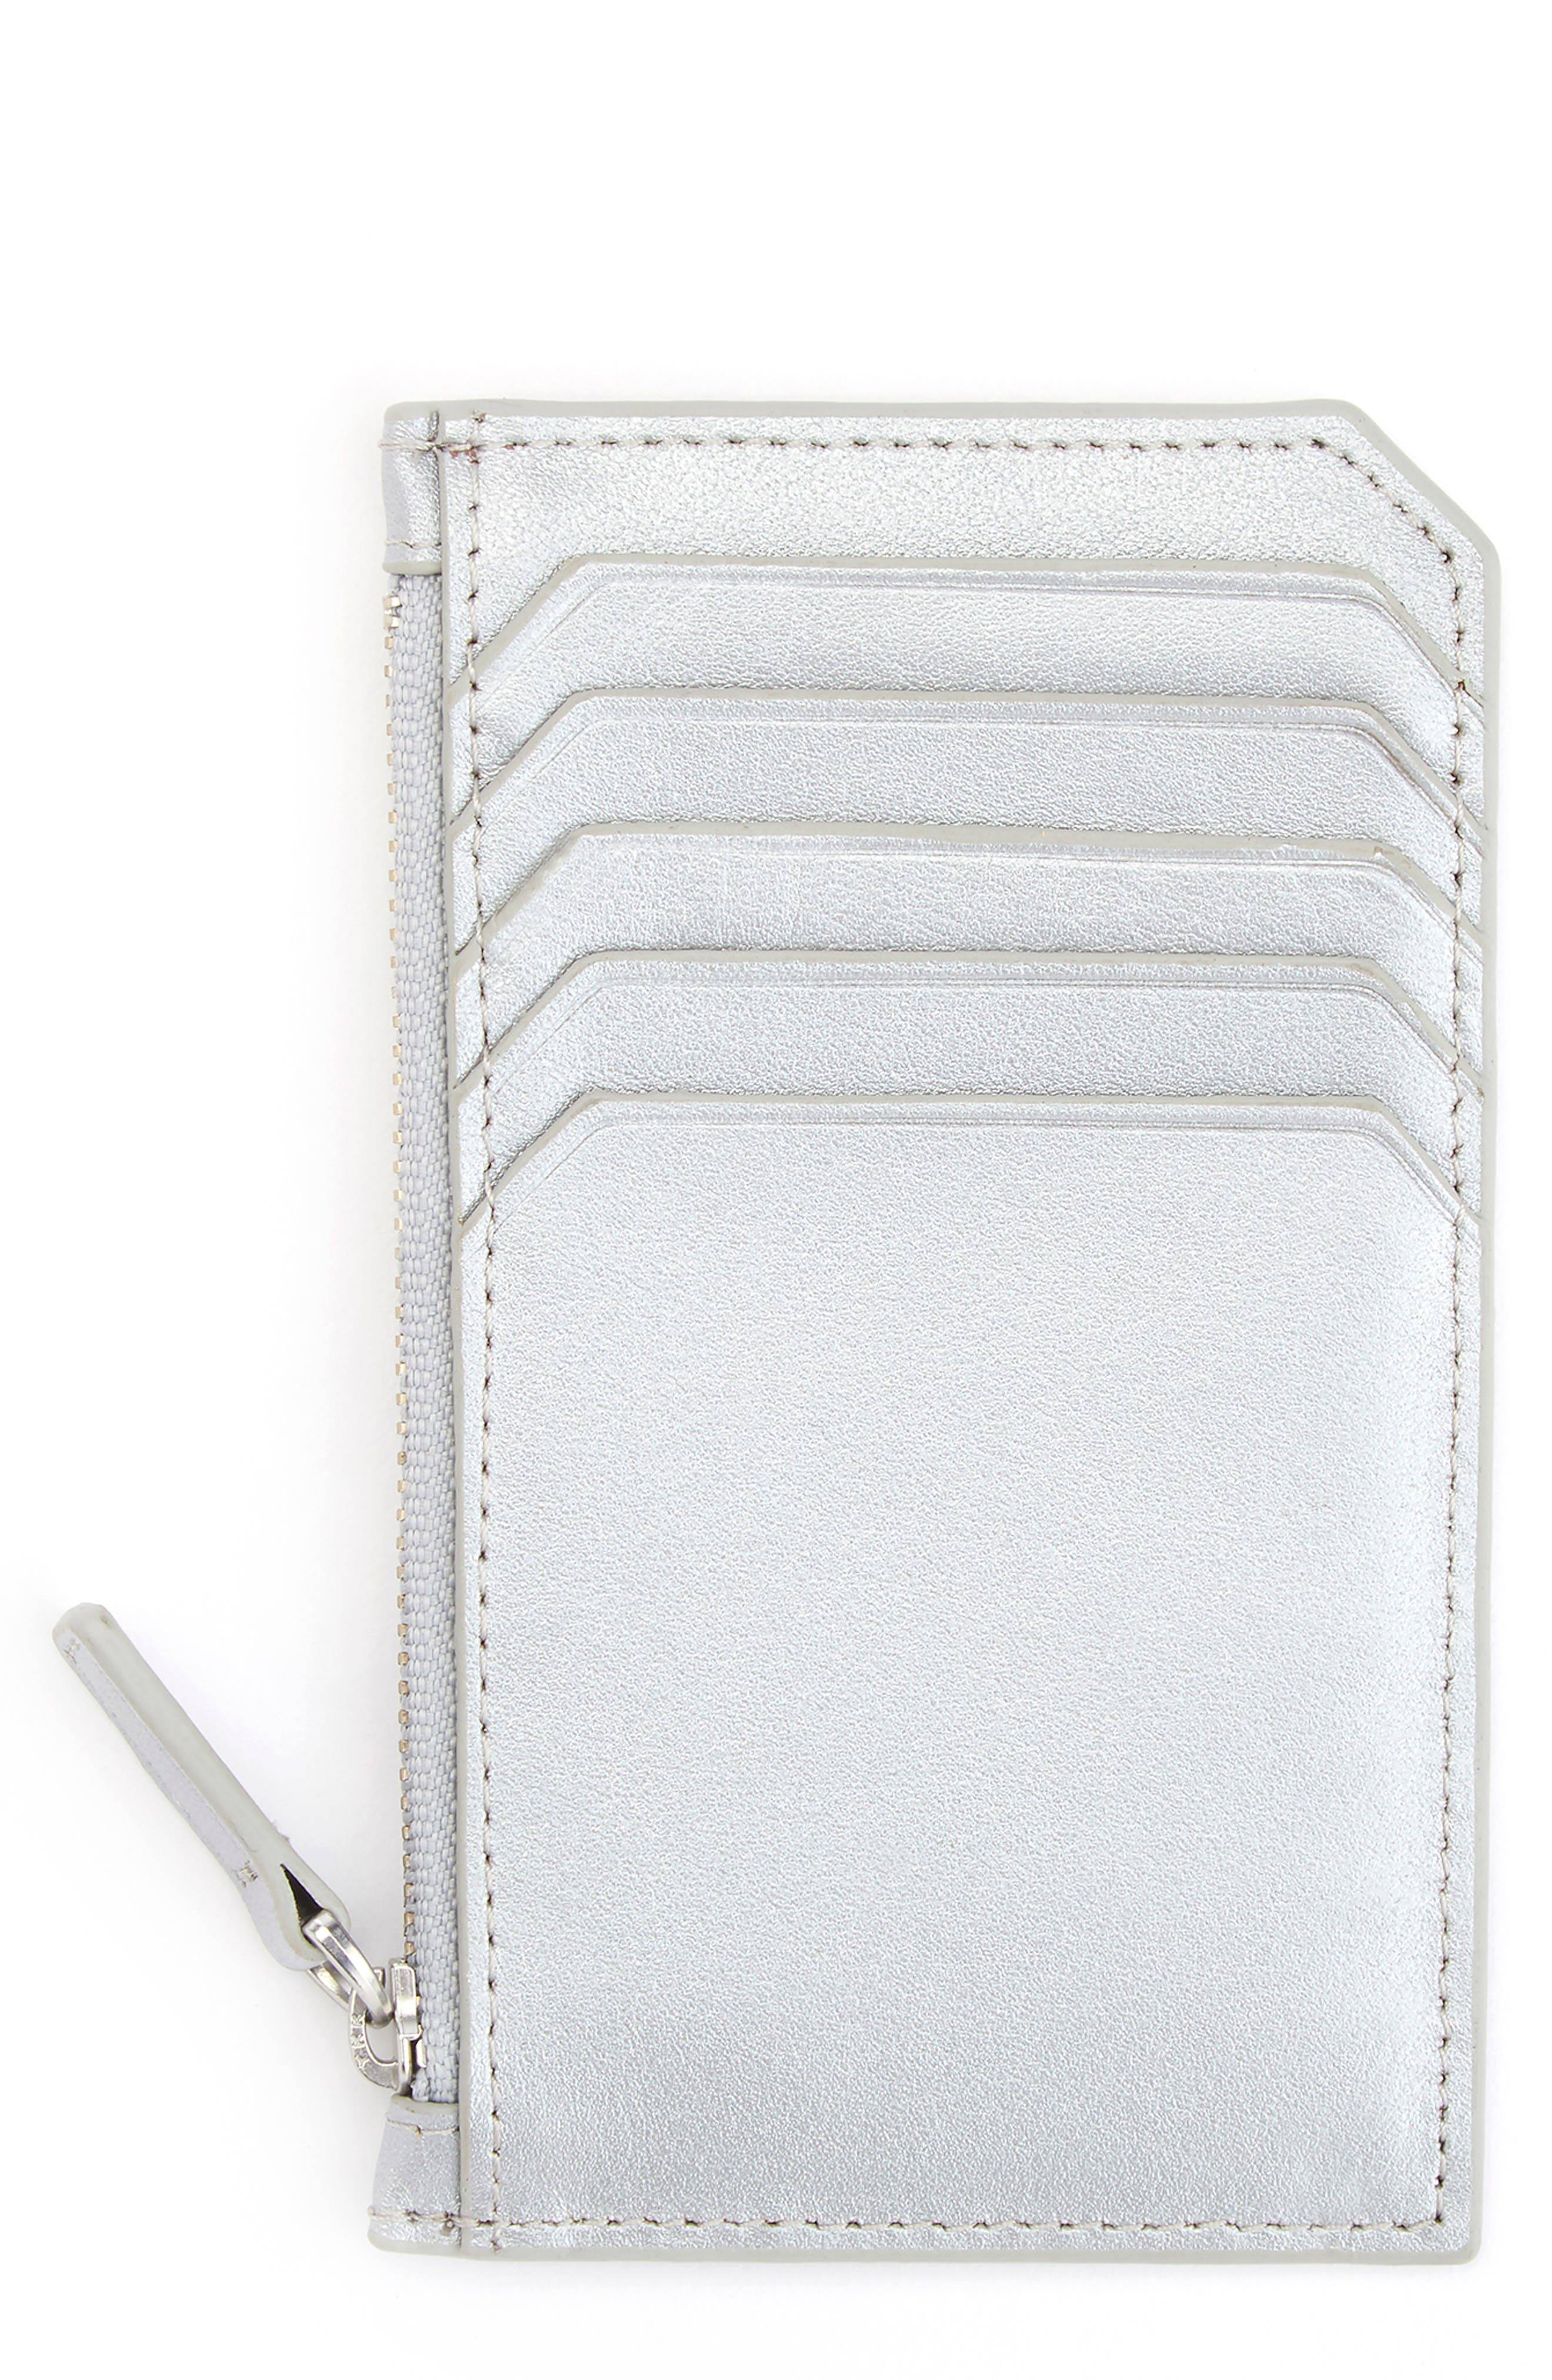 ROYCE Women's Royce Zip Leather Card Case - White